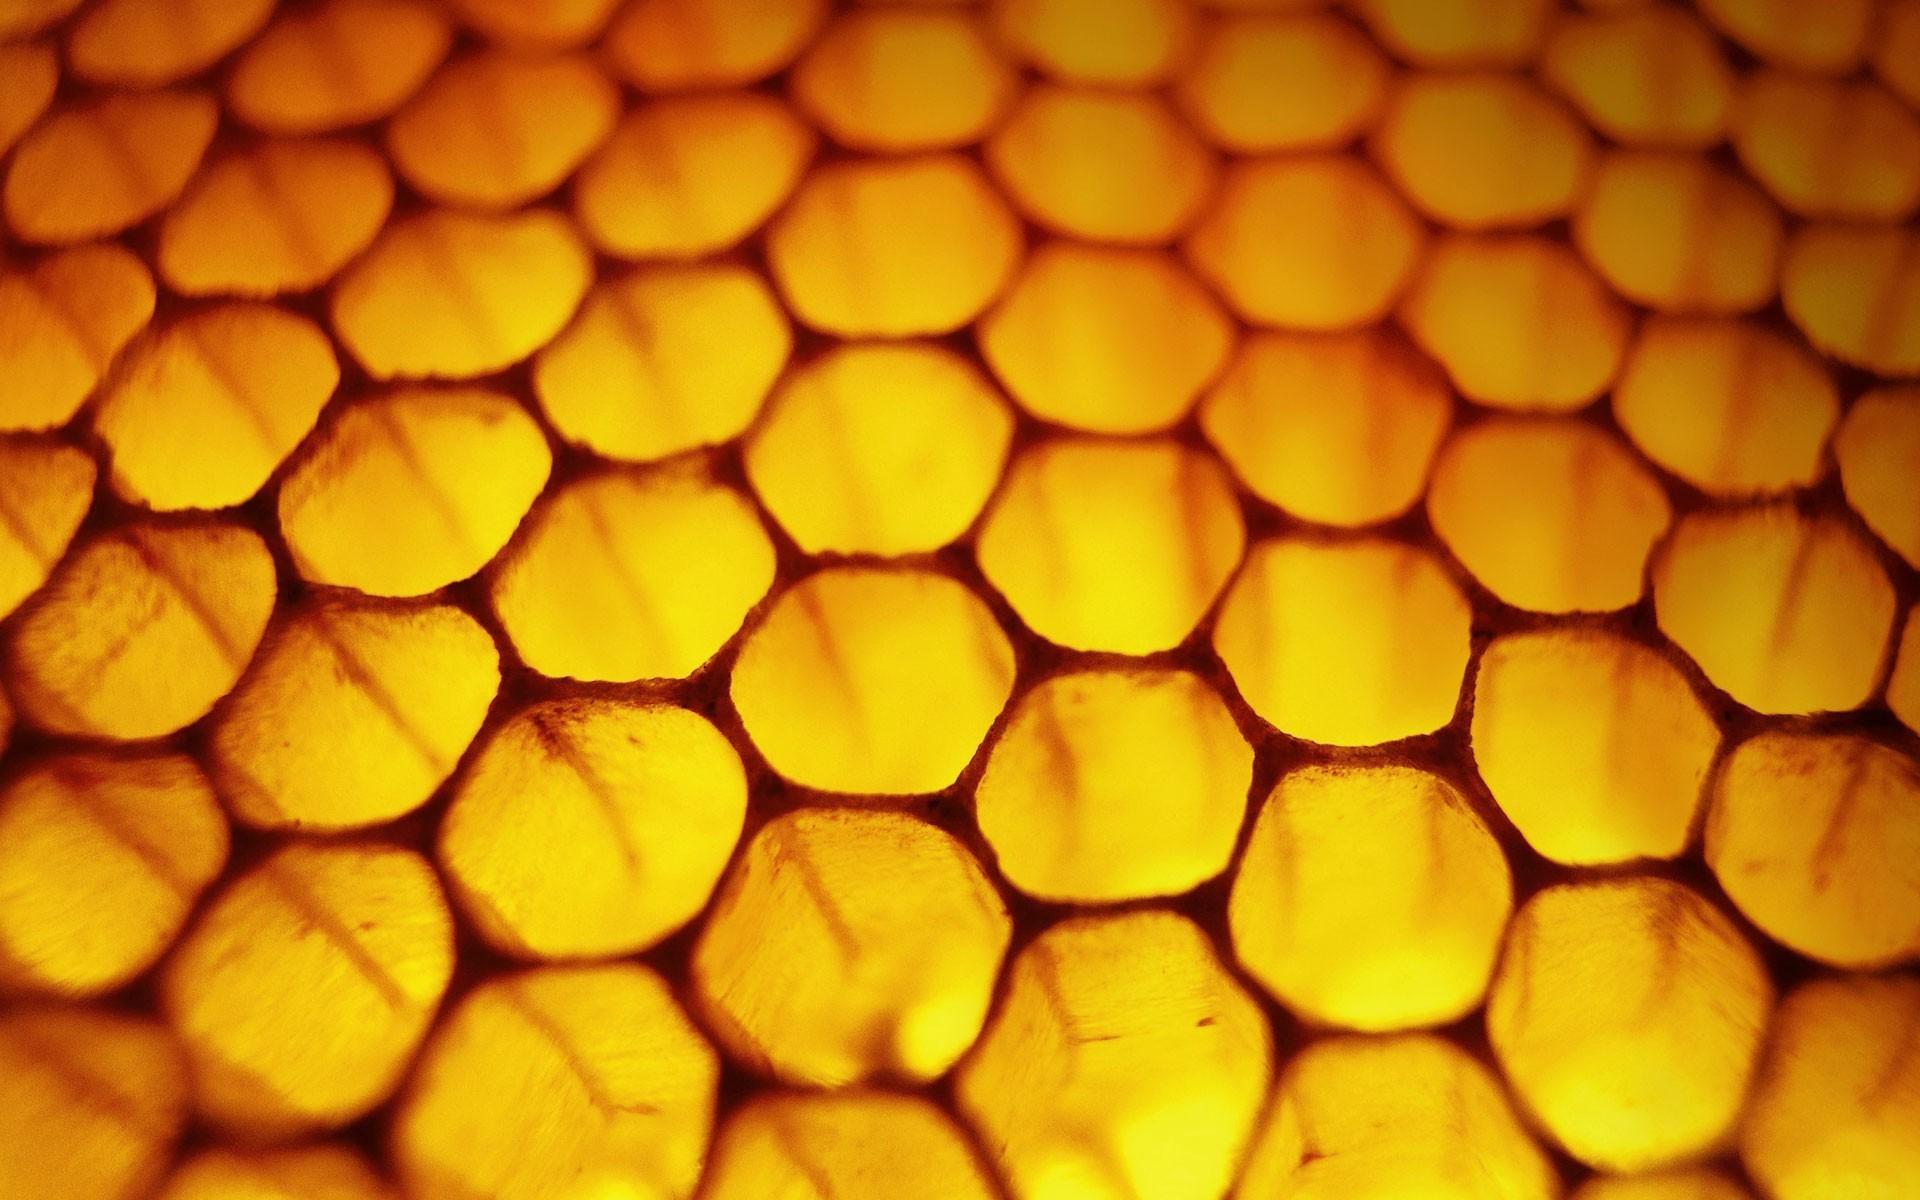 rayon de miel, nid d'abeille